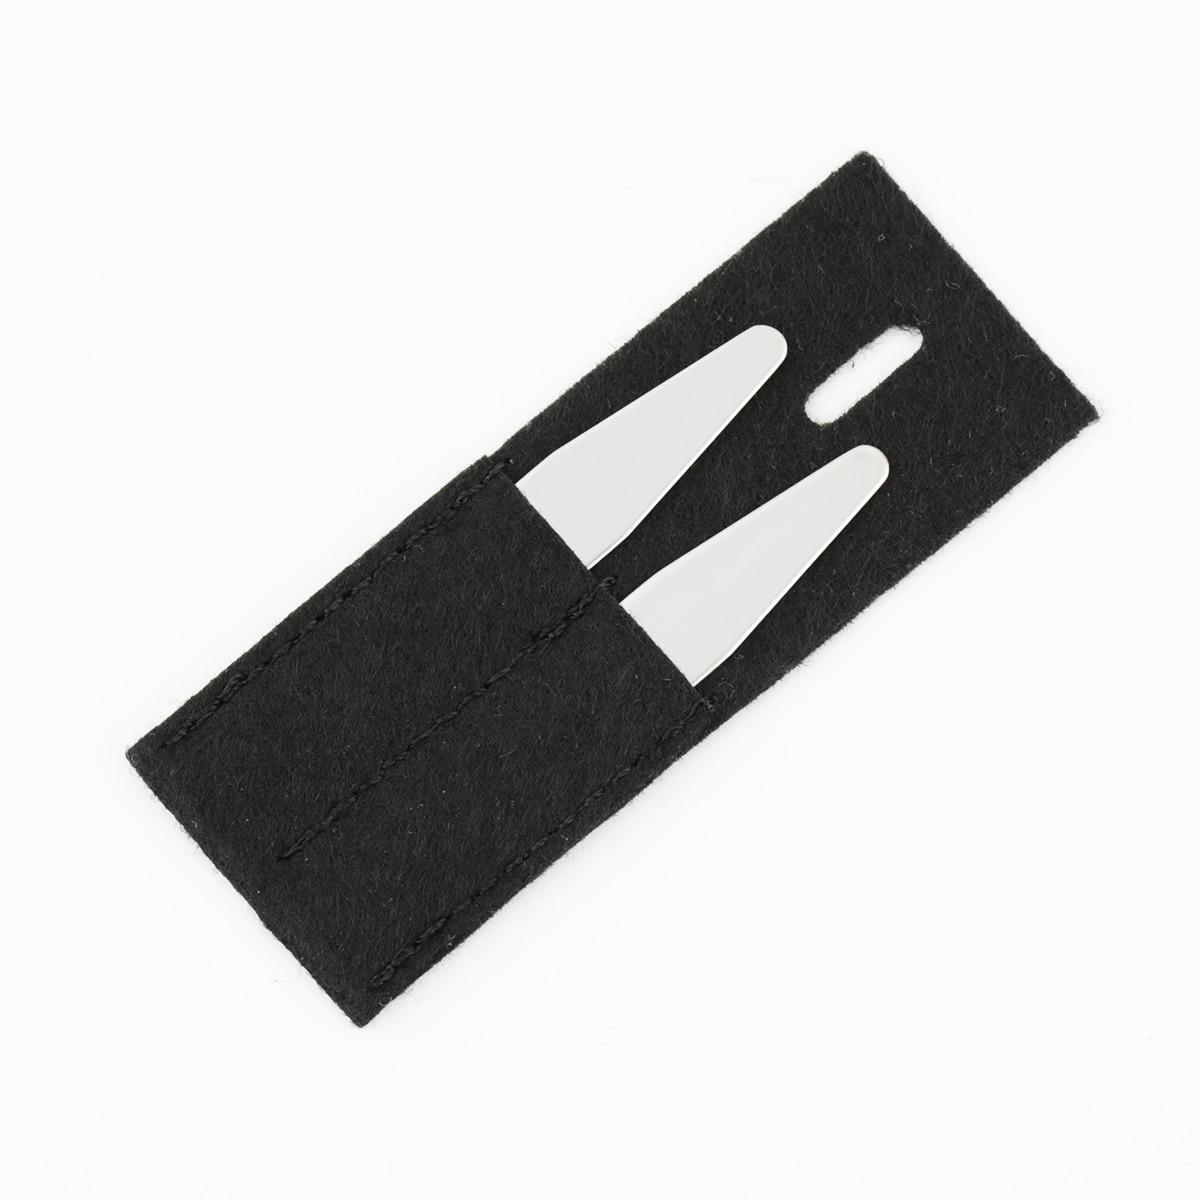 Персонализированный нержавеющая сталь воротник кости ребра жесткости вставки для формальных рубашек на заказ гравировка имя логотип воротник вставки надписи